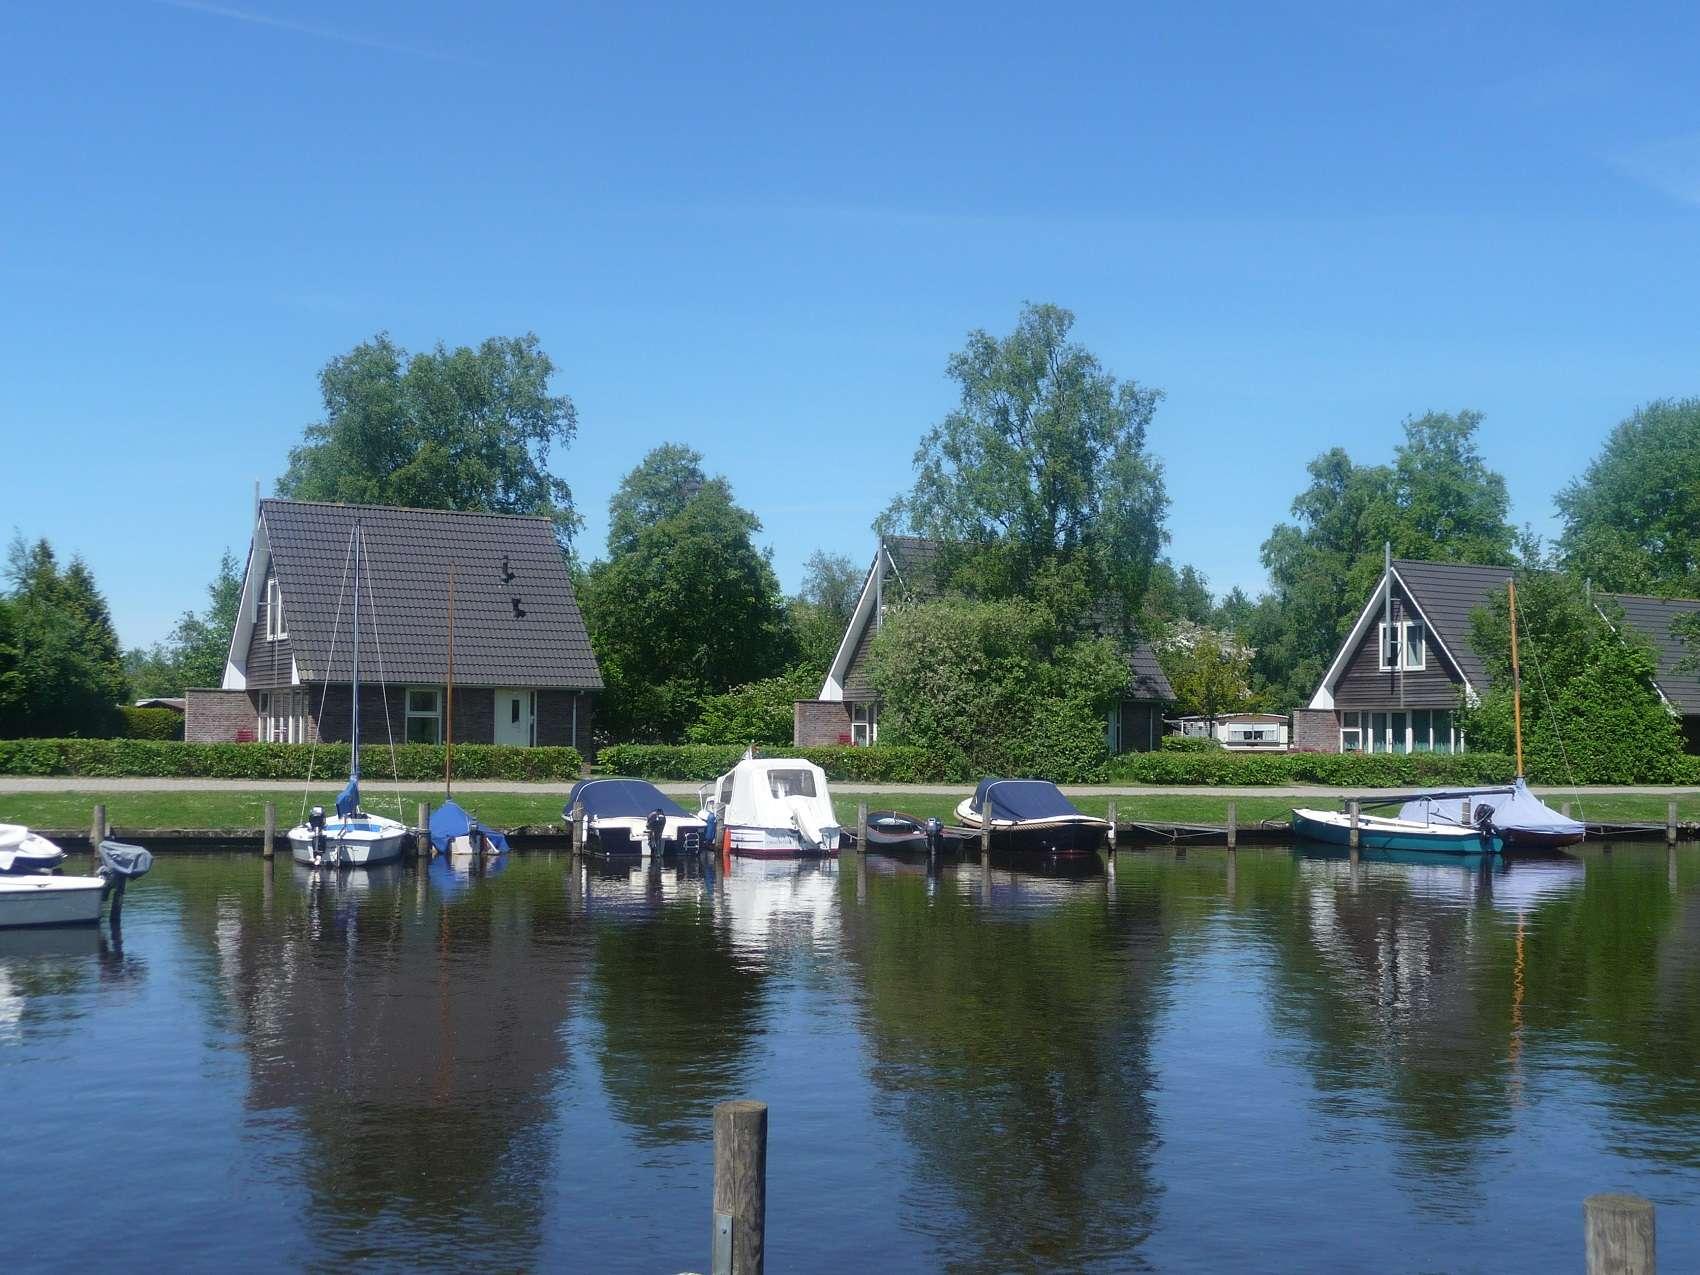 Vakantiechalet aan het water op Vakantiepark Giethoorn